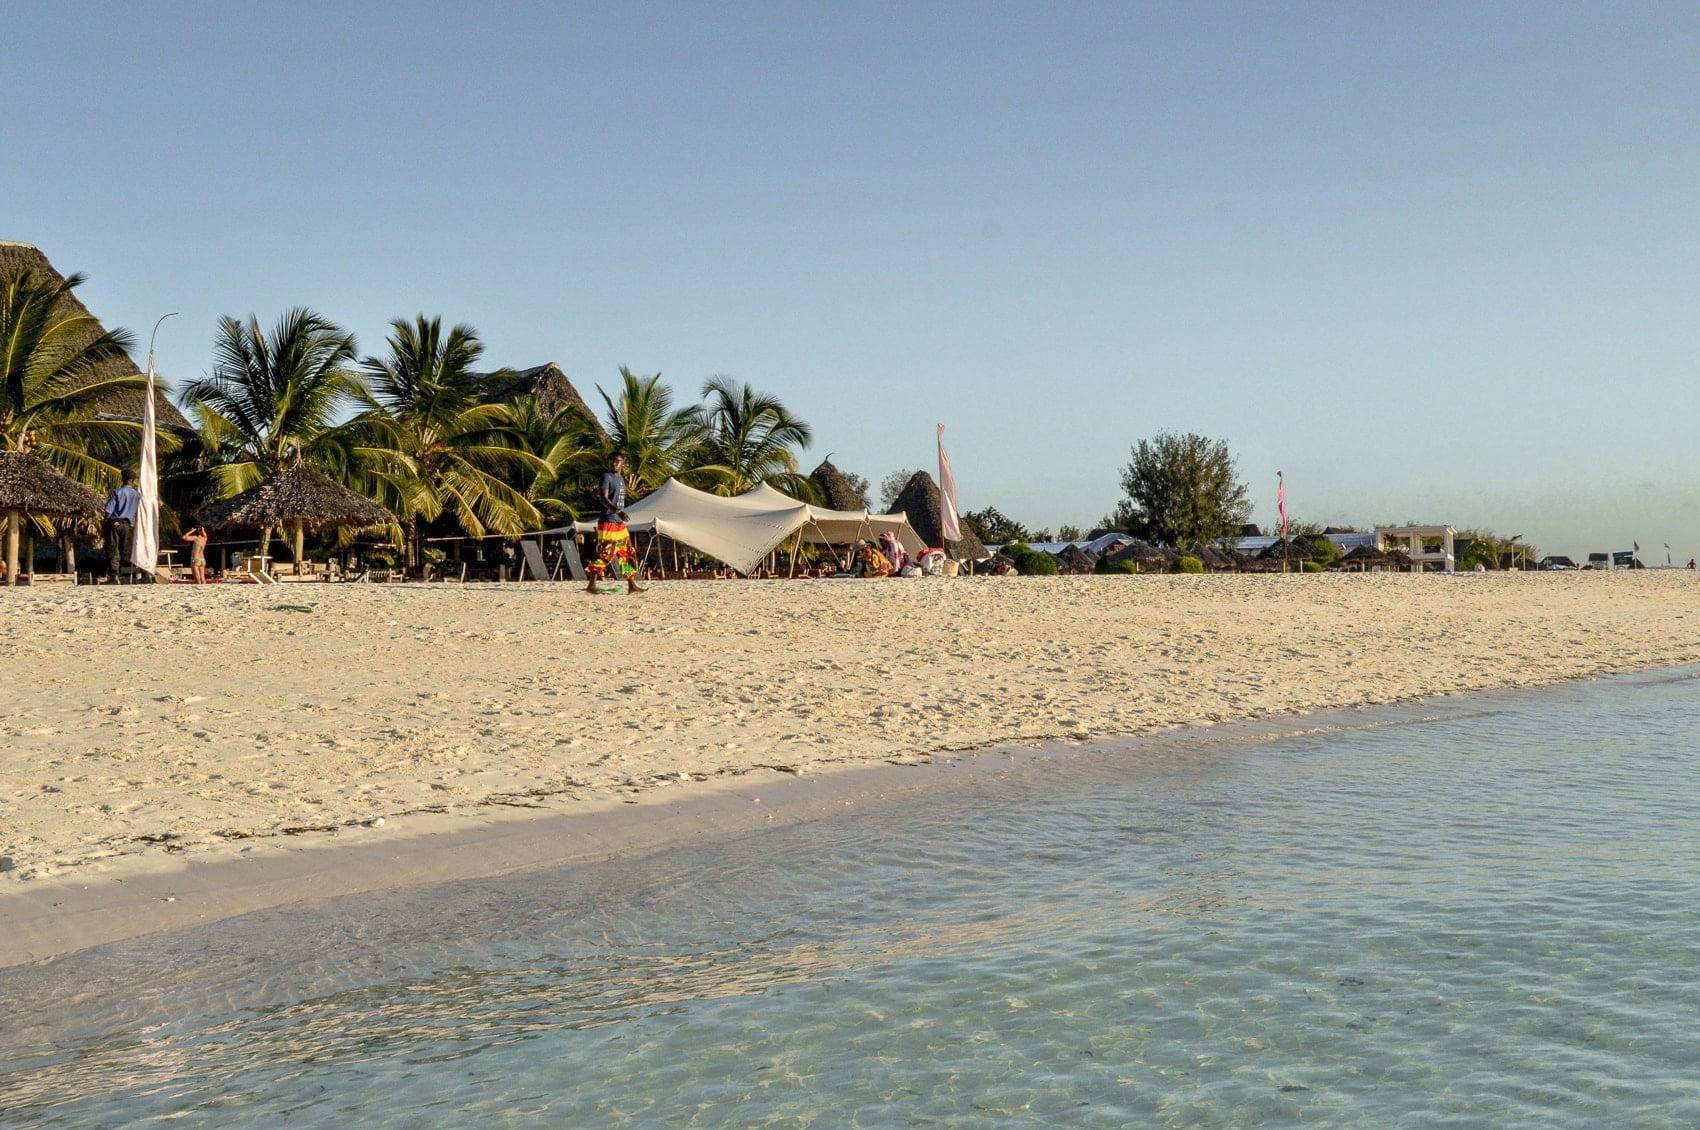 fünf-dinge-die-dich-auf-der-trauminsel-sansibar-überraschen-werden-sunset-cruise-kendwa-beach-reiseblog-des-belles-choses 8